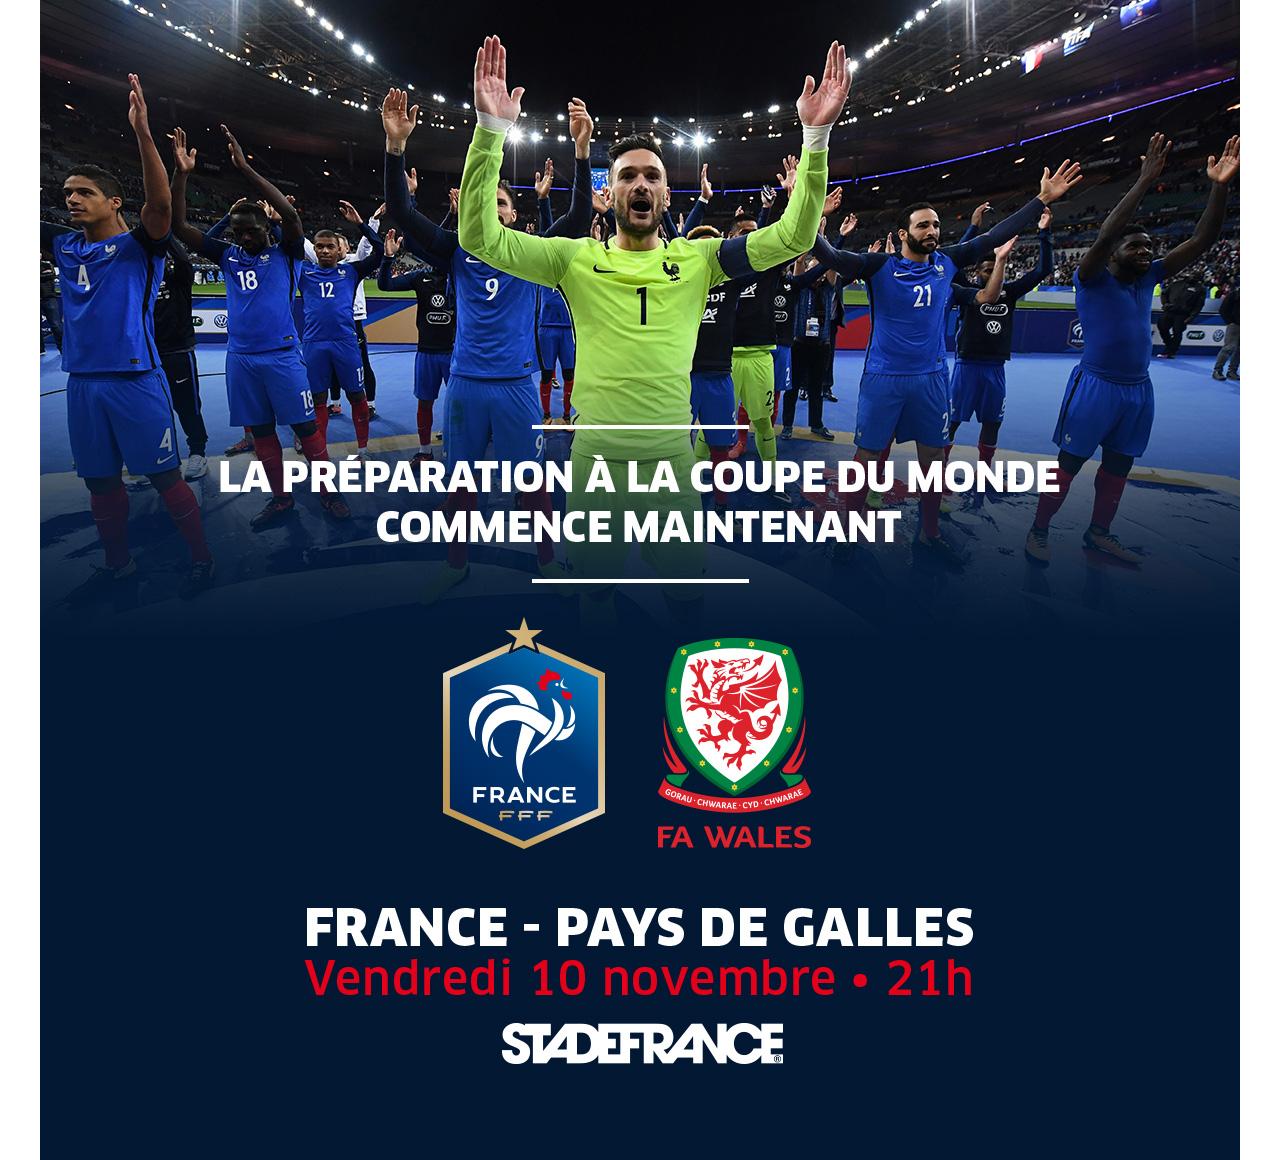 FRANCE - PAYS DE GALLES - LA PREPARATION A LA COUPE DU MONDE COMMENCE MAINTENANT